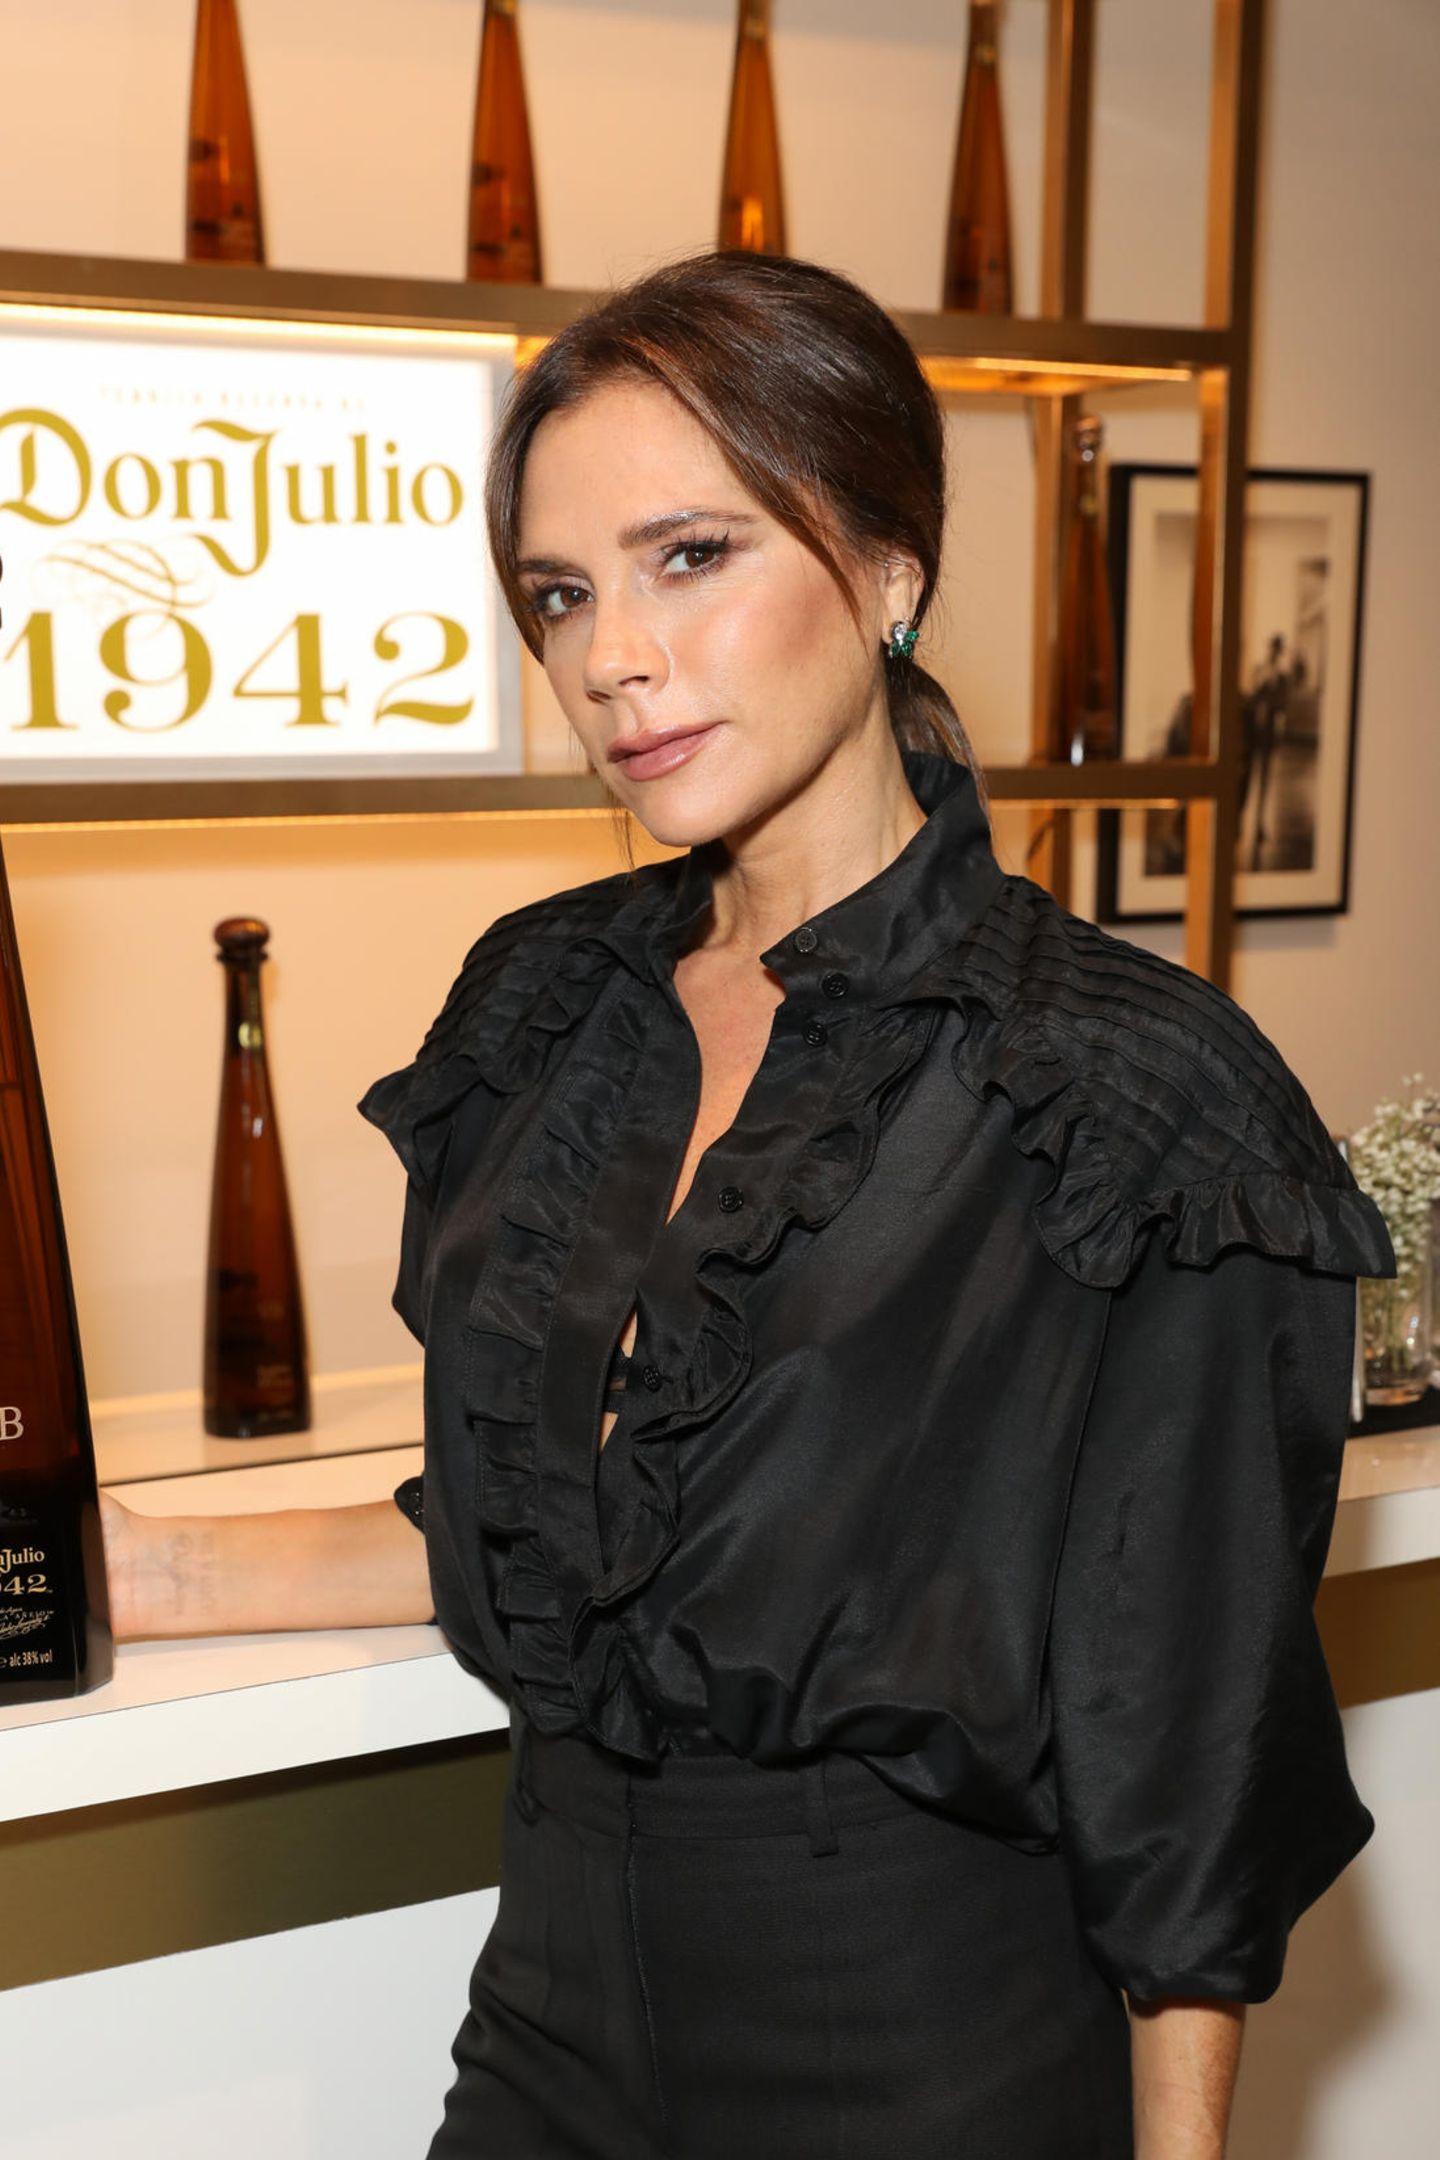 Victoria Beckham 2019 mit deutlich weniger Botox in den Lippen (2019)